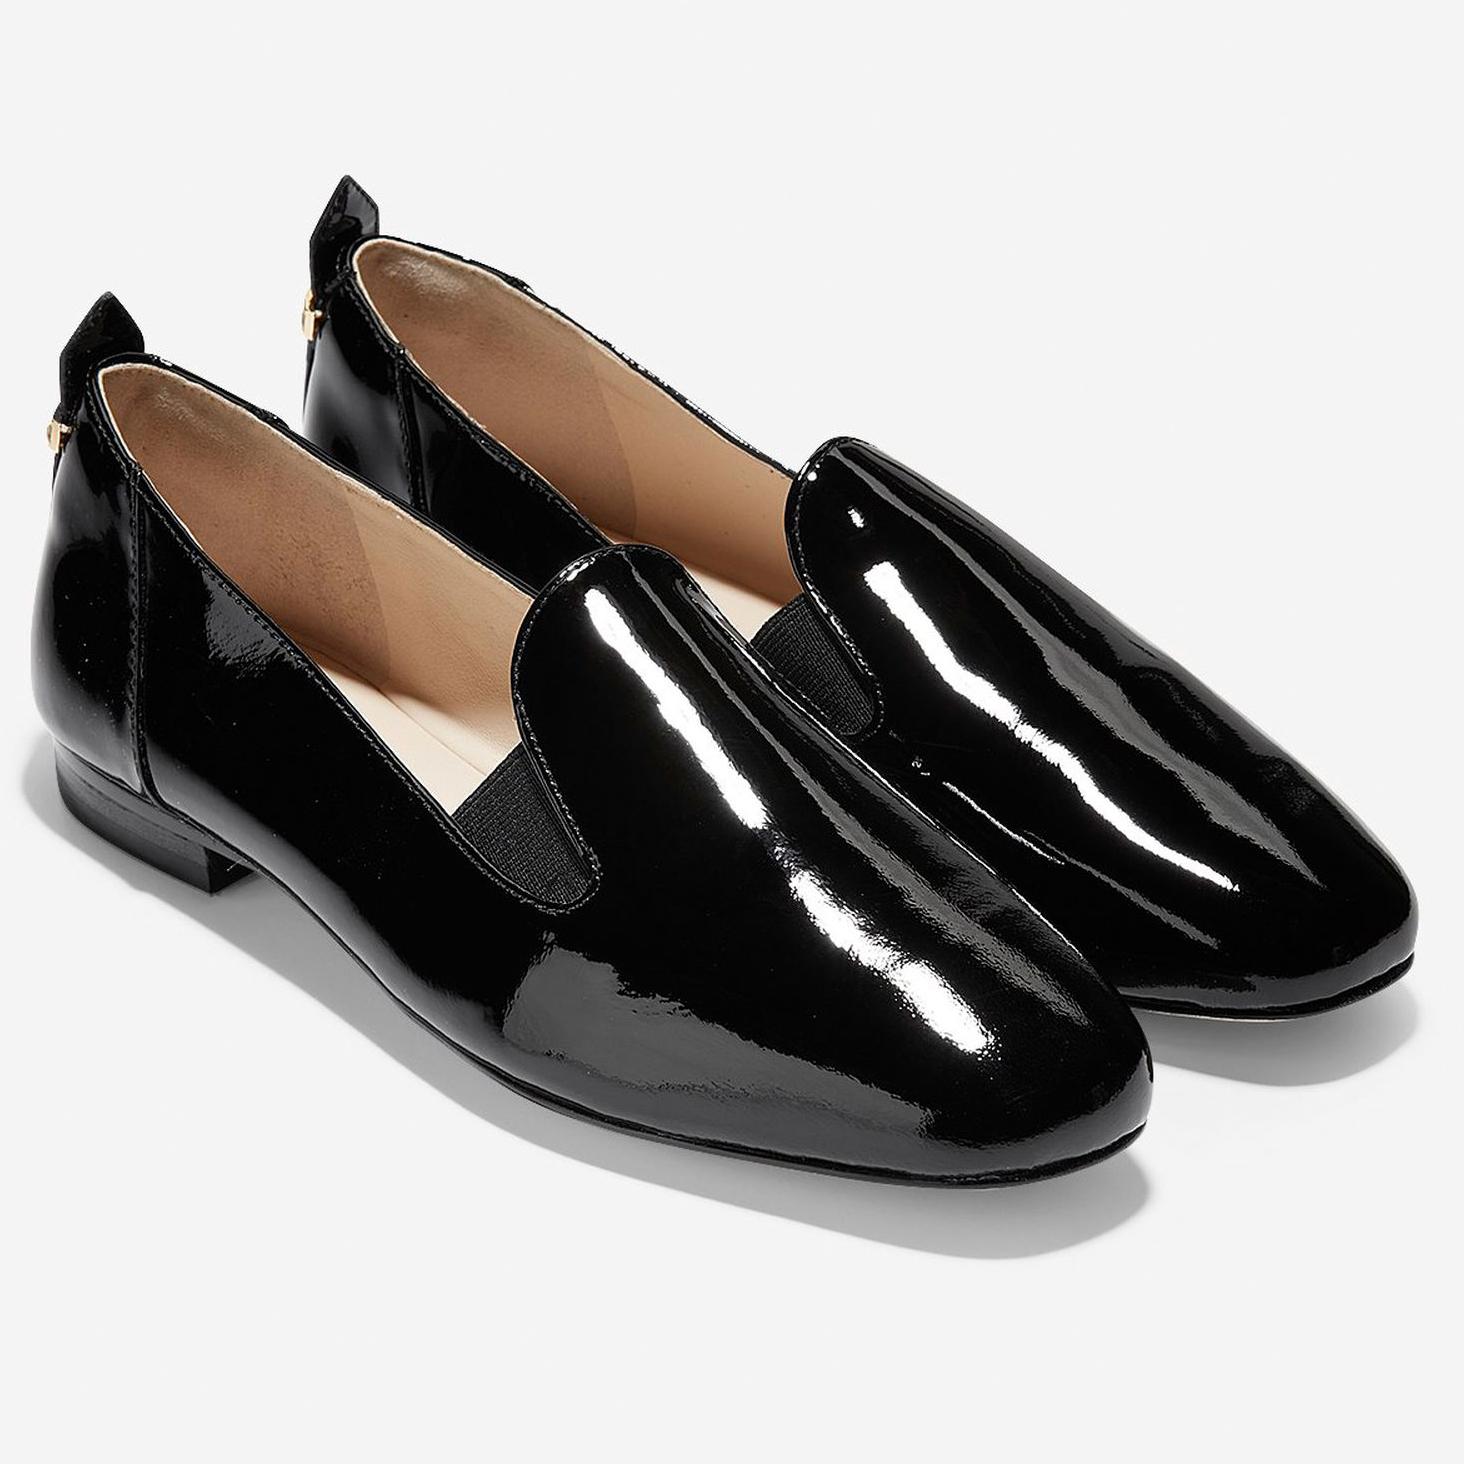 8dd001a7e88 Cole Haan Women's Portia Loafer Black Patent-Black Gore-Black Stack ...